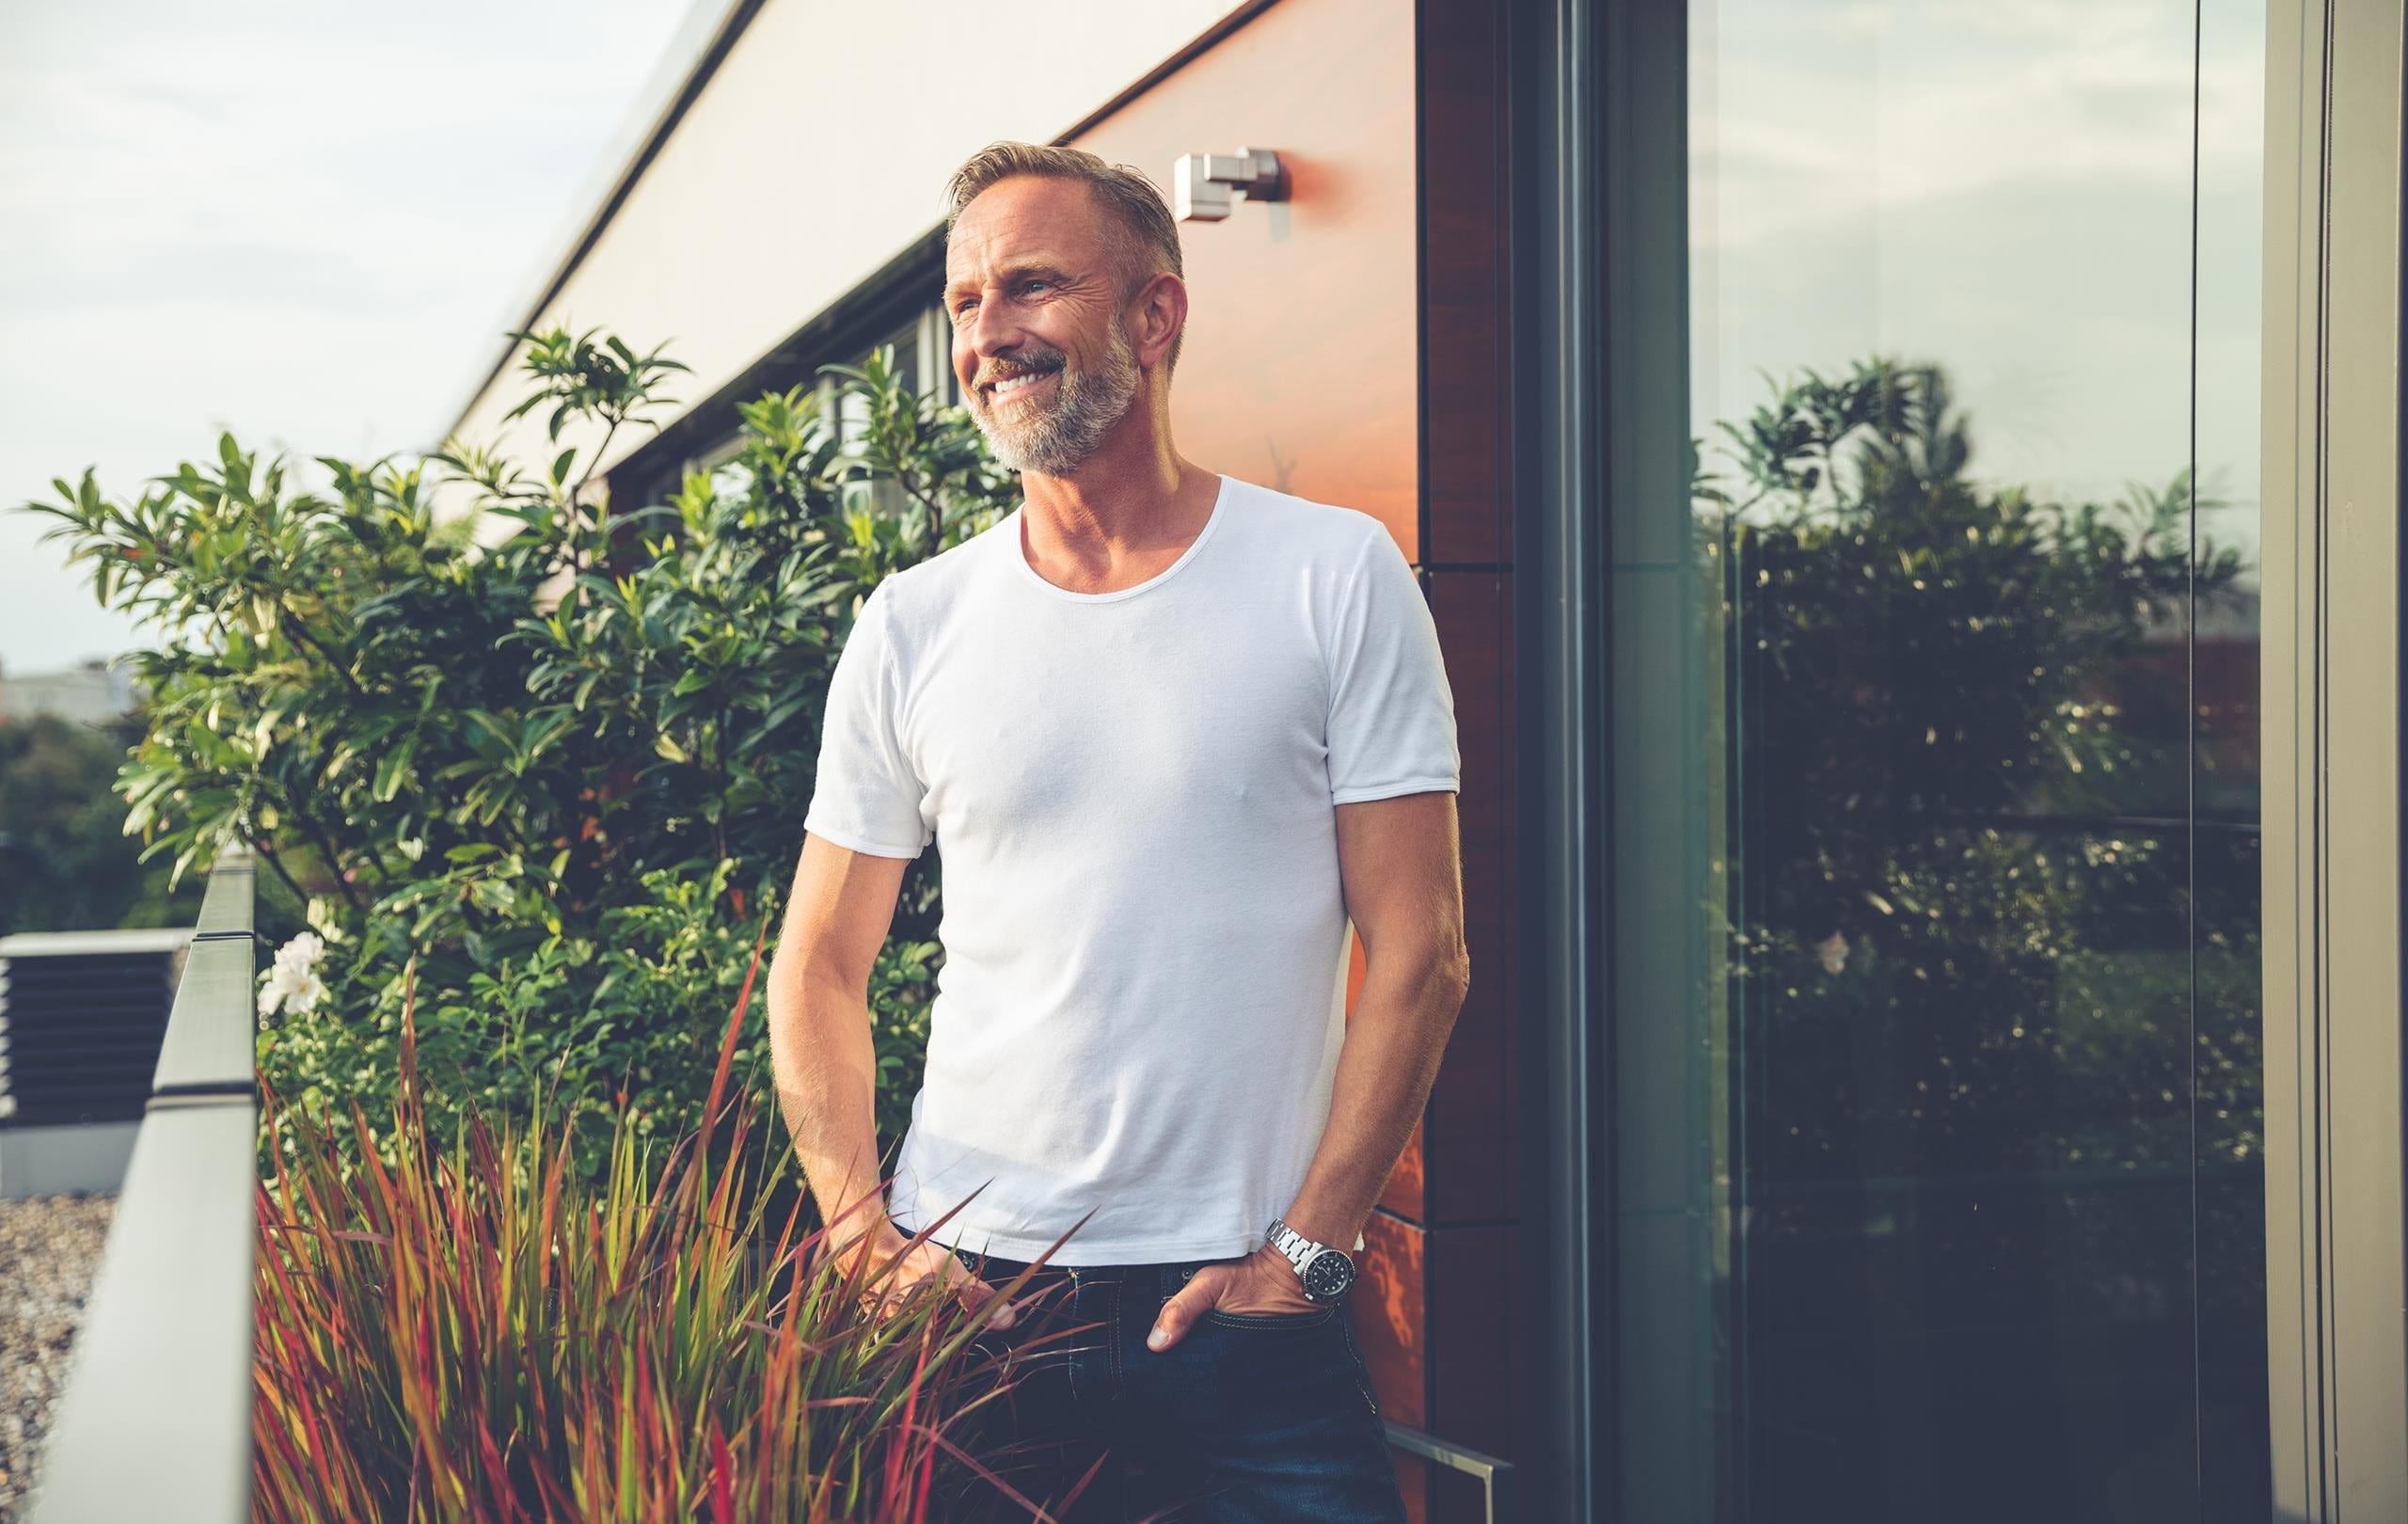 Homme en T-shirt blanc souriant sur le balcon